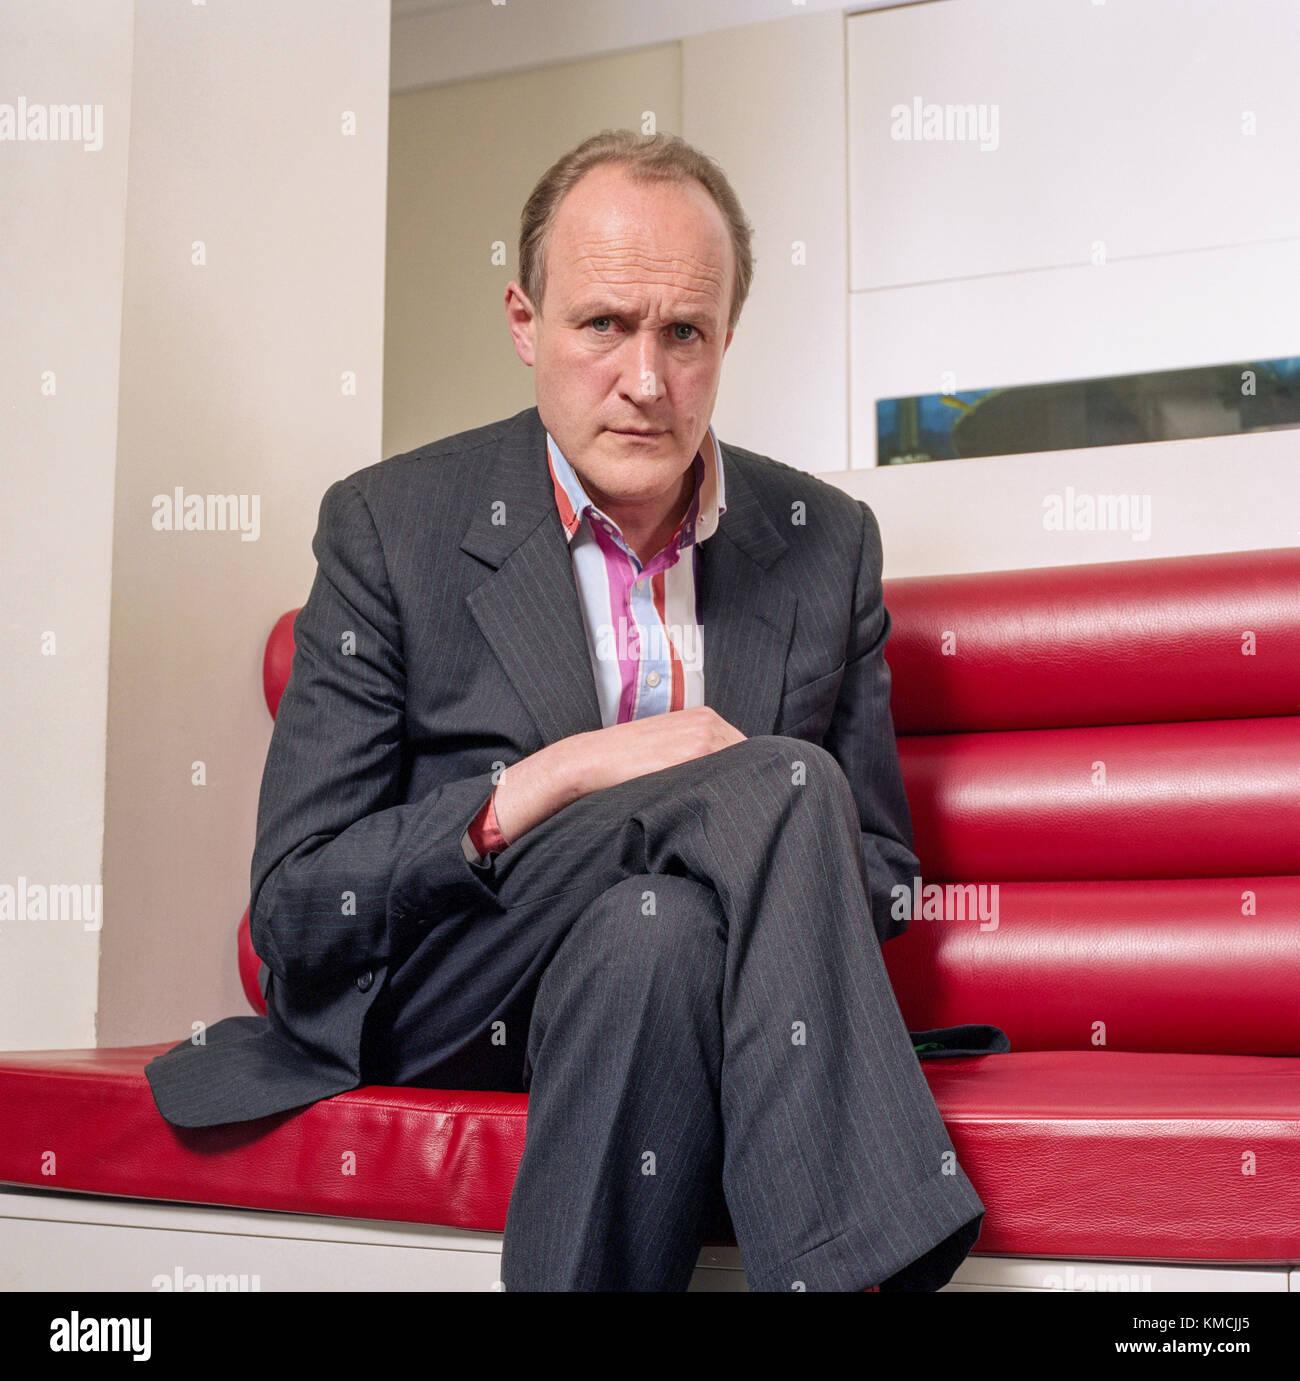 Sir Peter bazalgette, producteur de télévision français, photographiés à l'endemol bureaux à Shepherd's Bush, Londres, Angleterre, Royaume-Uni. Banque D'Images